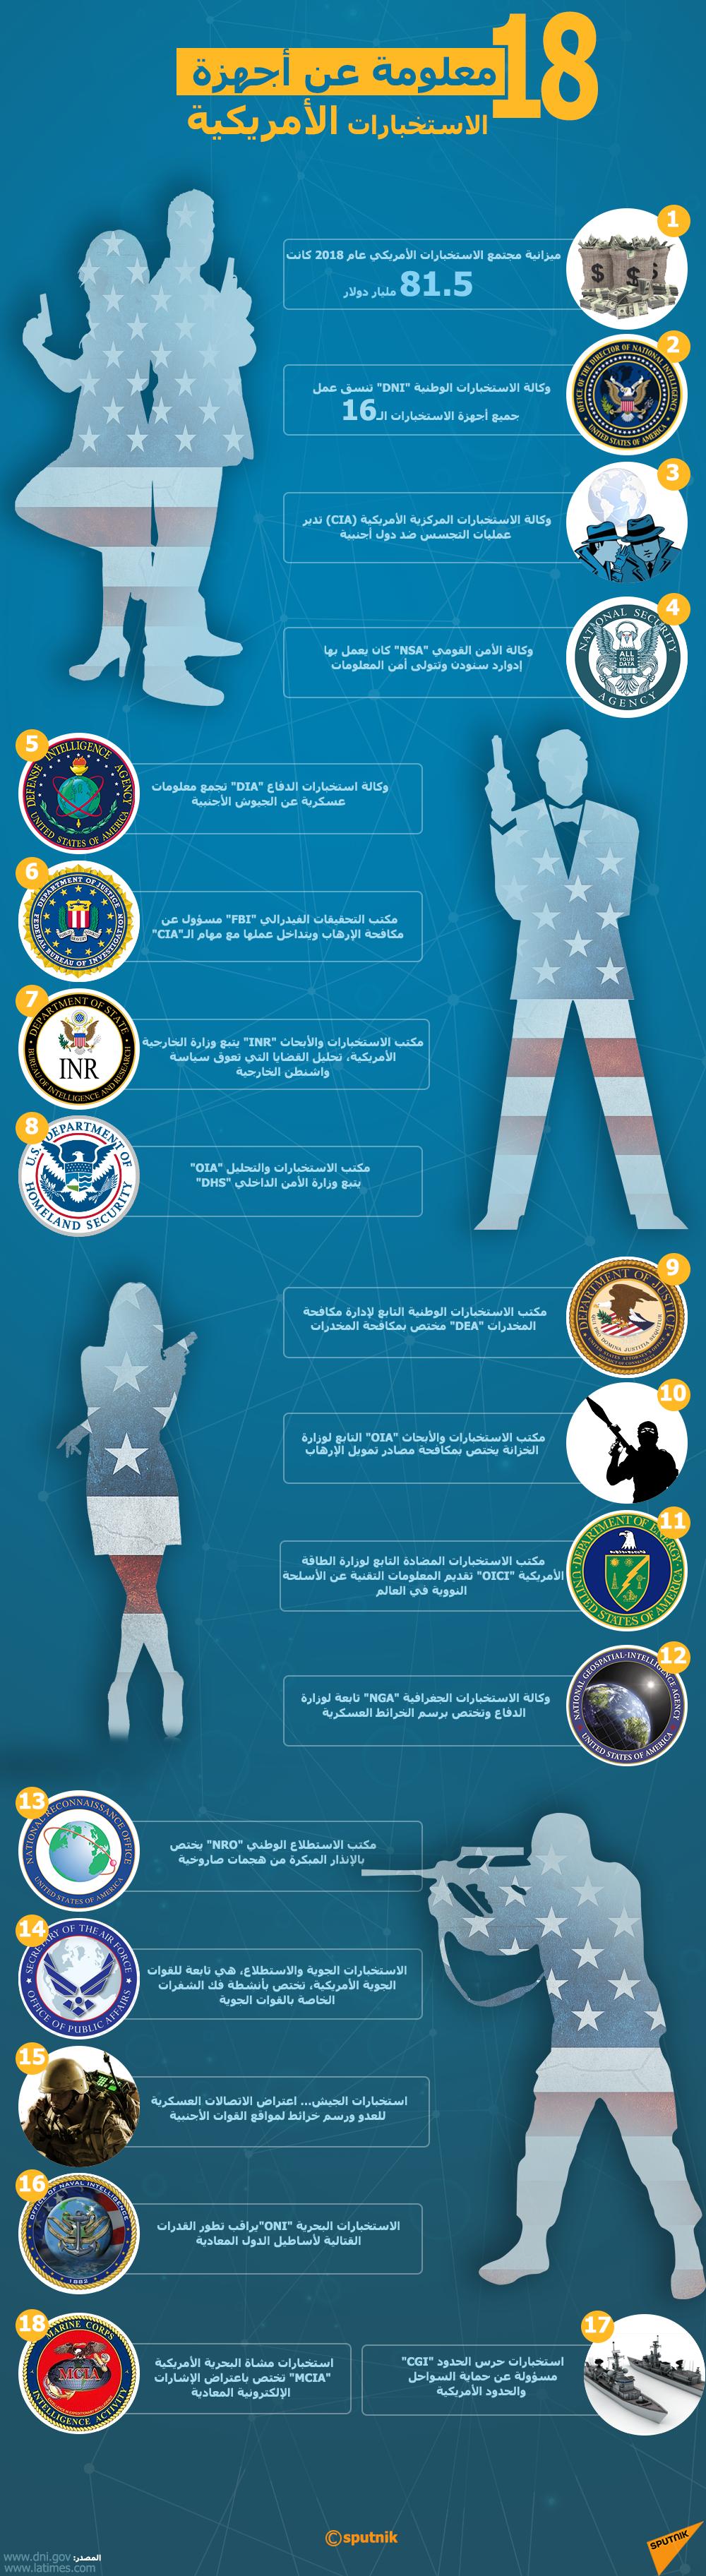 إنفوجرافيك - 18 معلومة عن أجهزة الاستخبارات الأمريكية